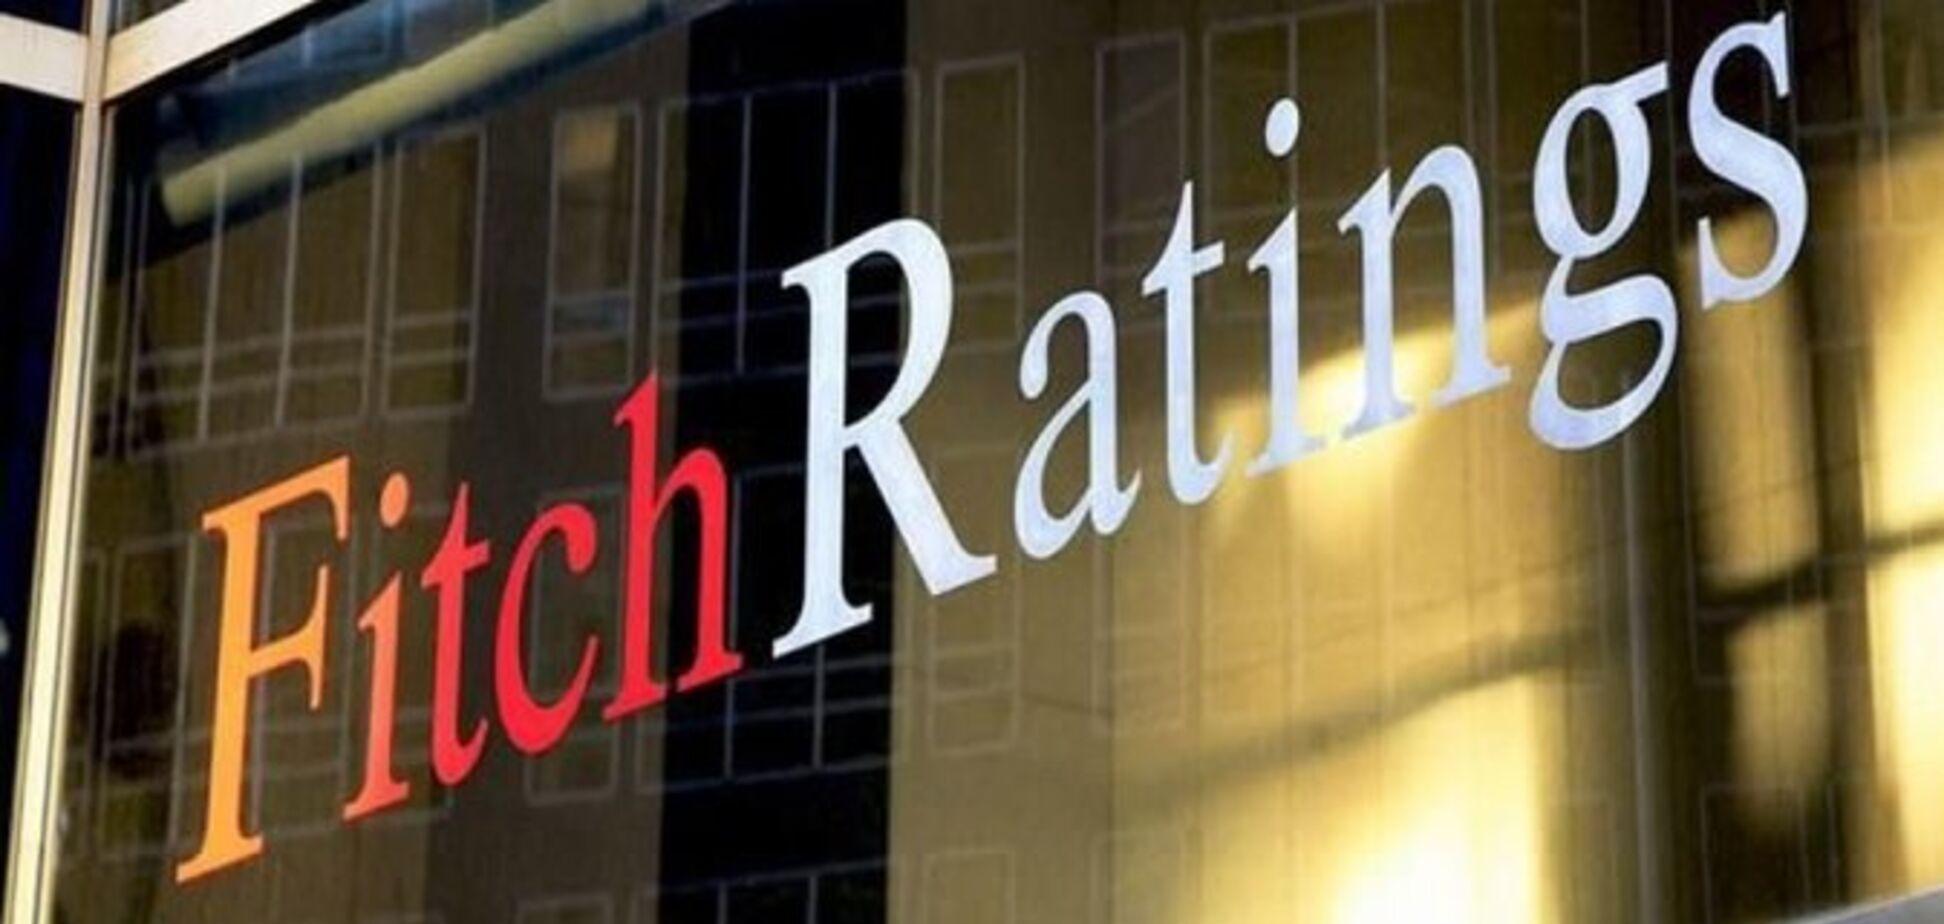 Роботи стане менше, а економіка впаде: Fitch погіршило прогноз кризи